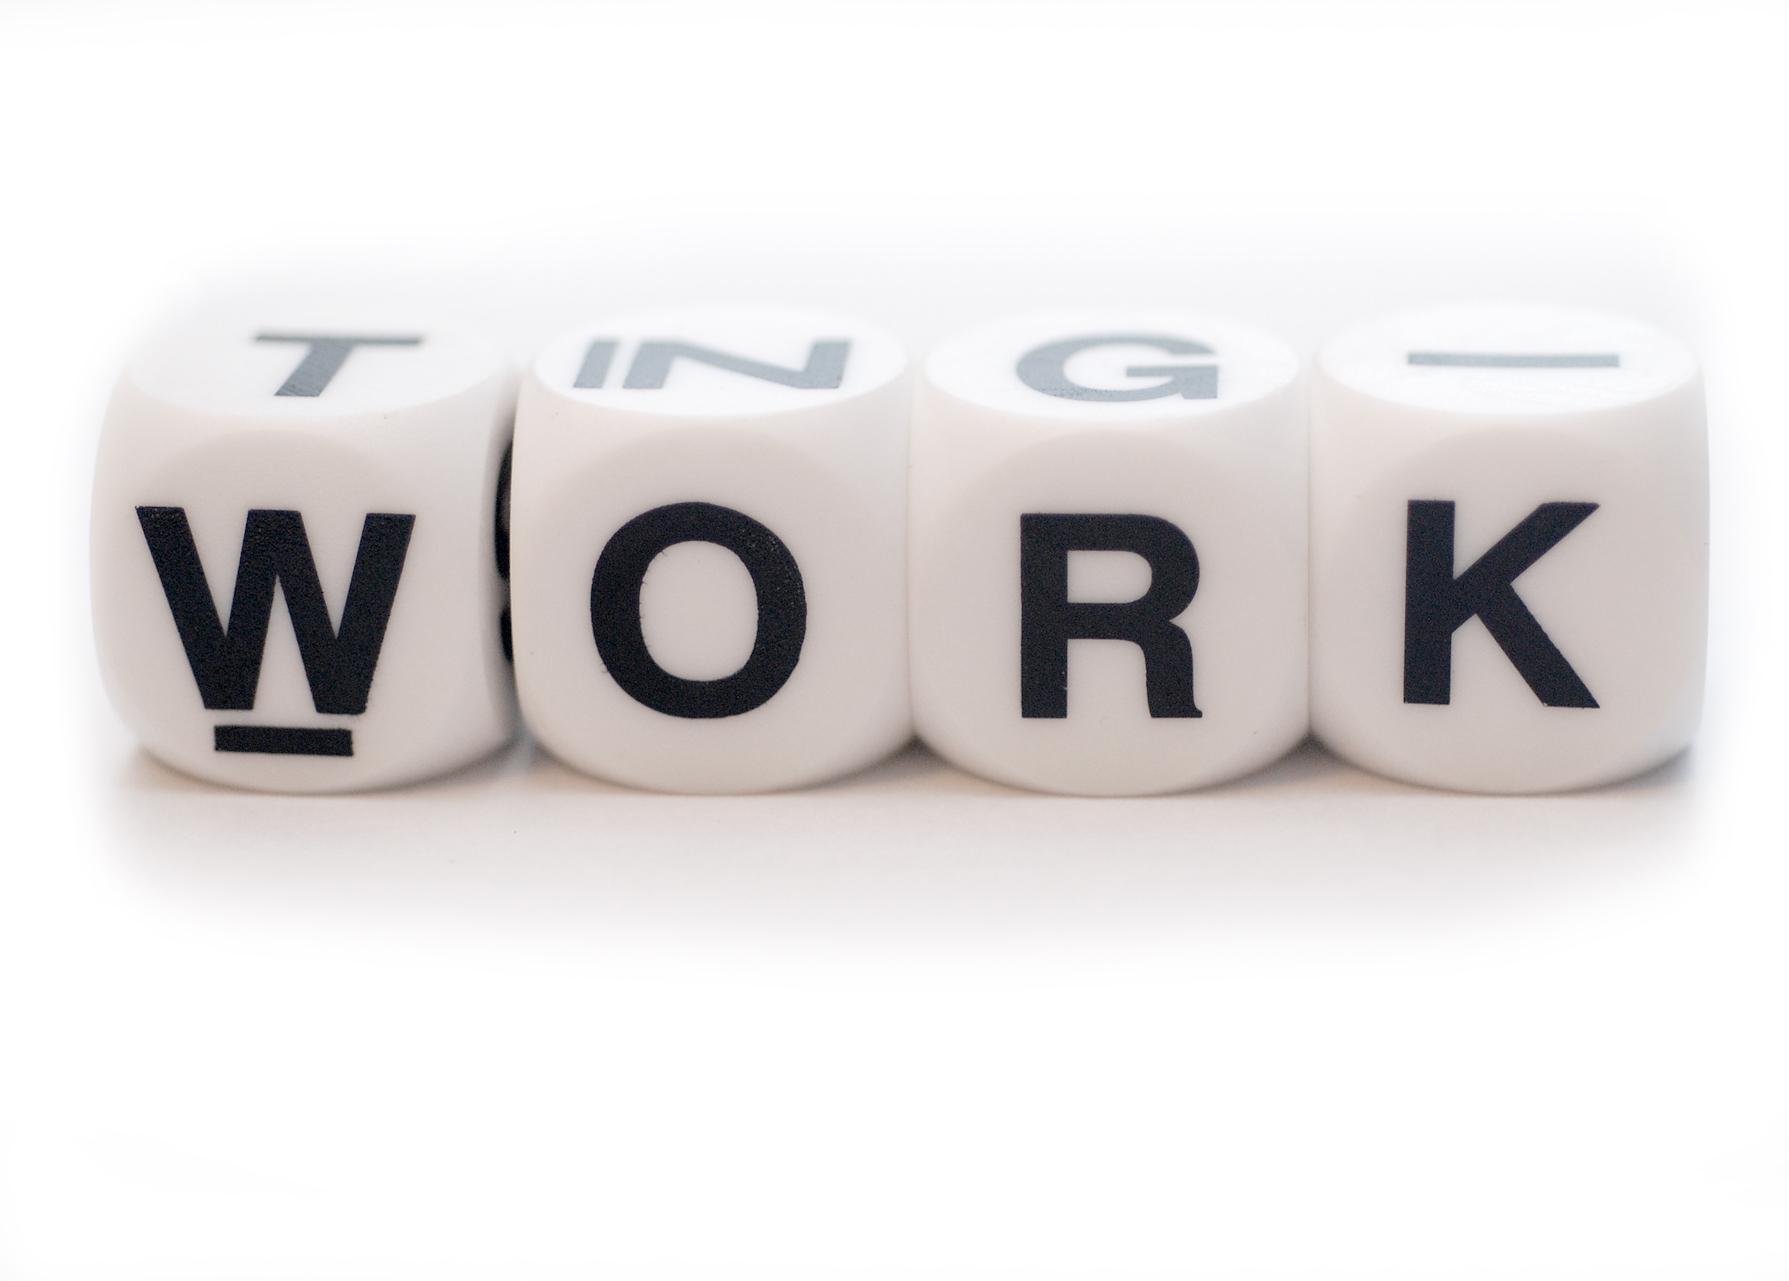 WORKS WEAR WORKS WEAR